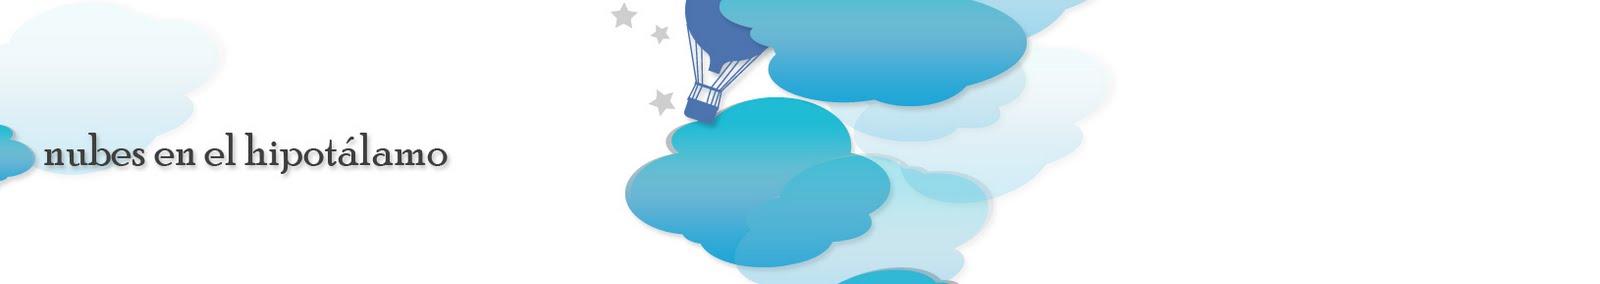 Nubes en el hipotálamo